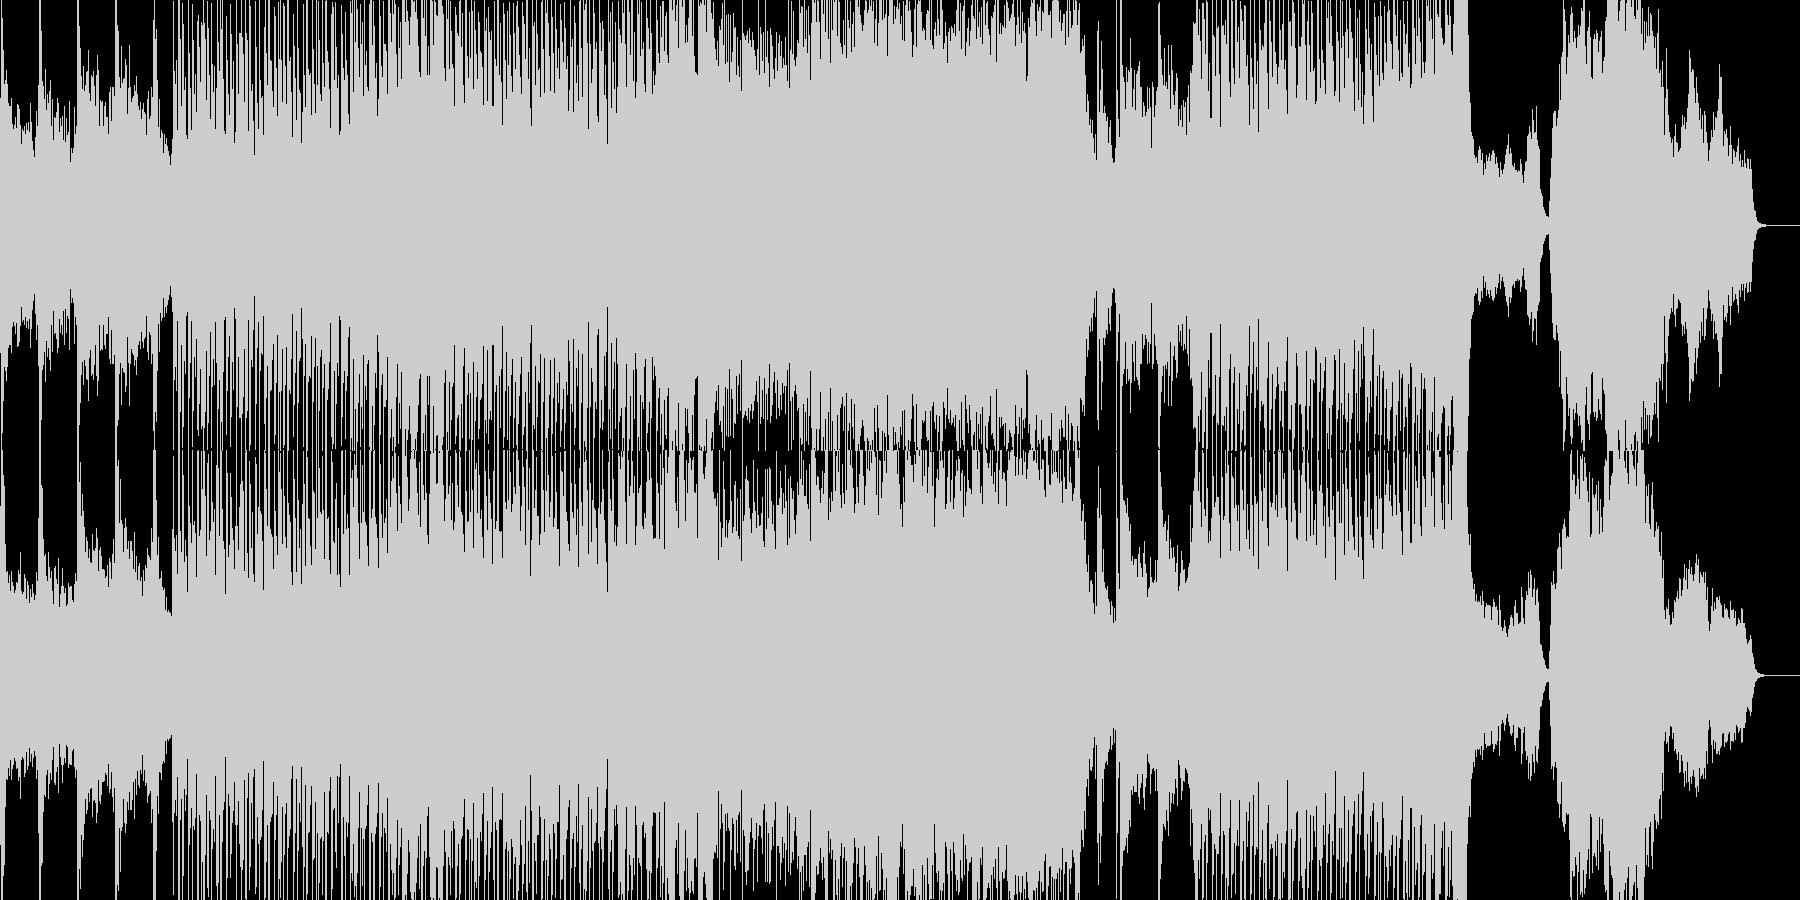 神秘的なリズミックなオーケストラ楽曲の未再生の波形